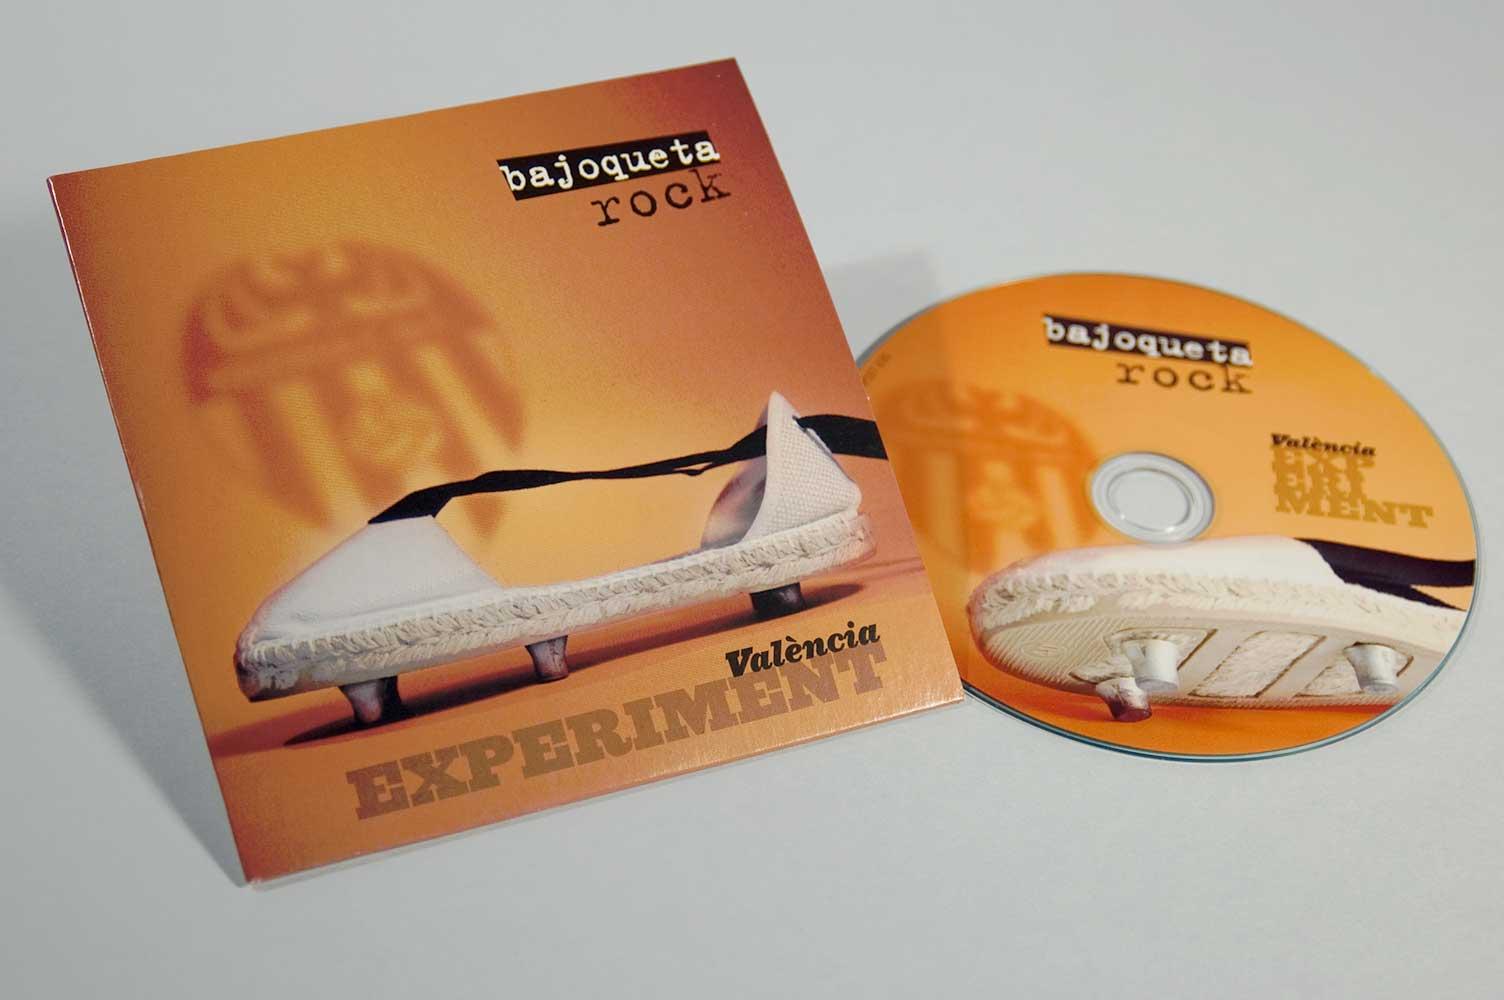 Diseño de CD para Bajoqueta rock Valencia experiment